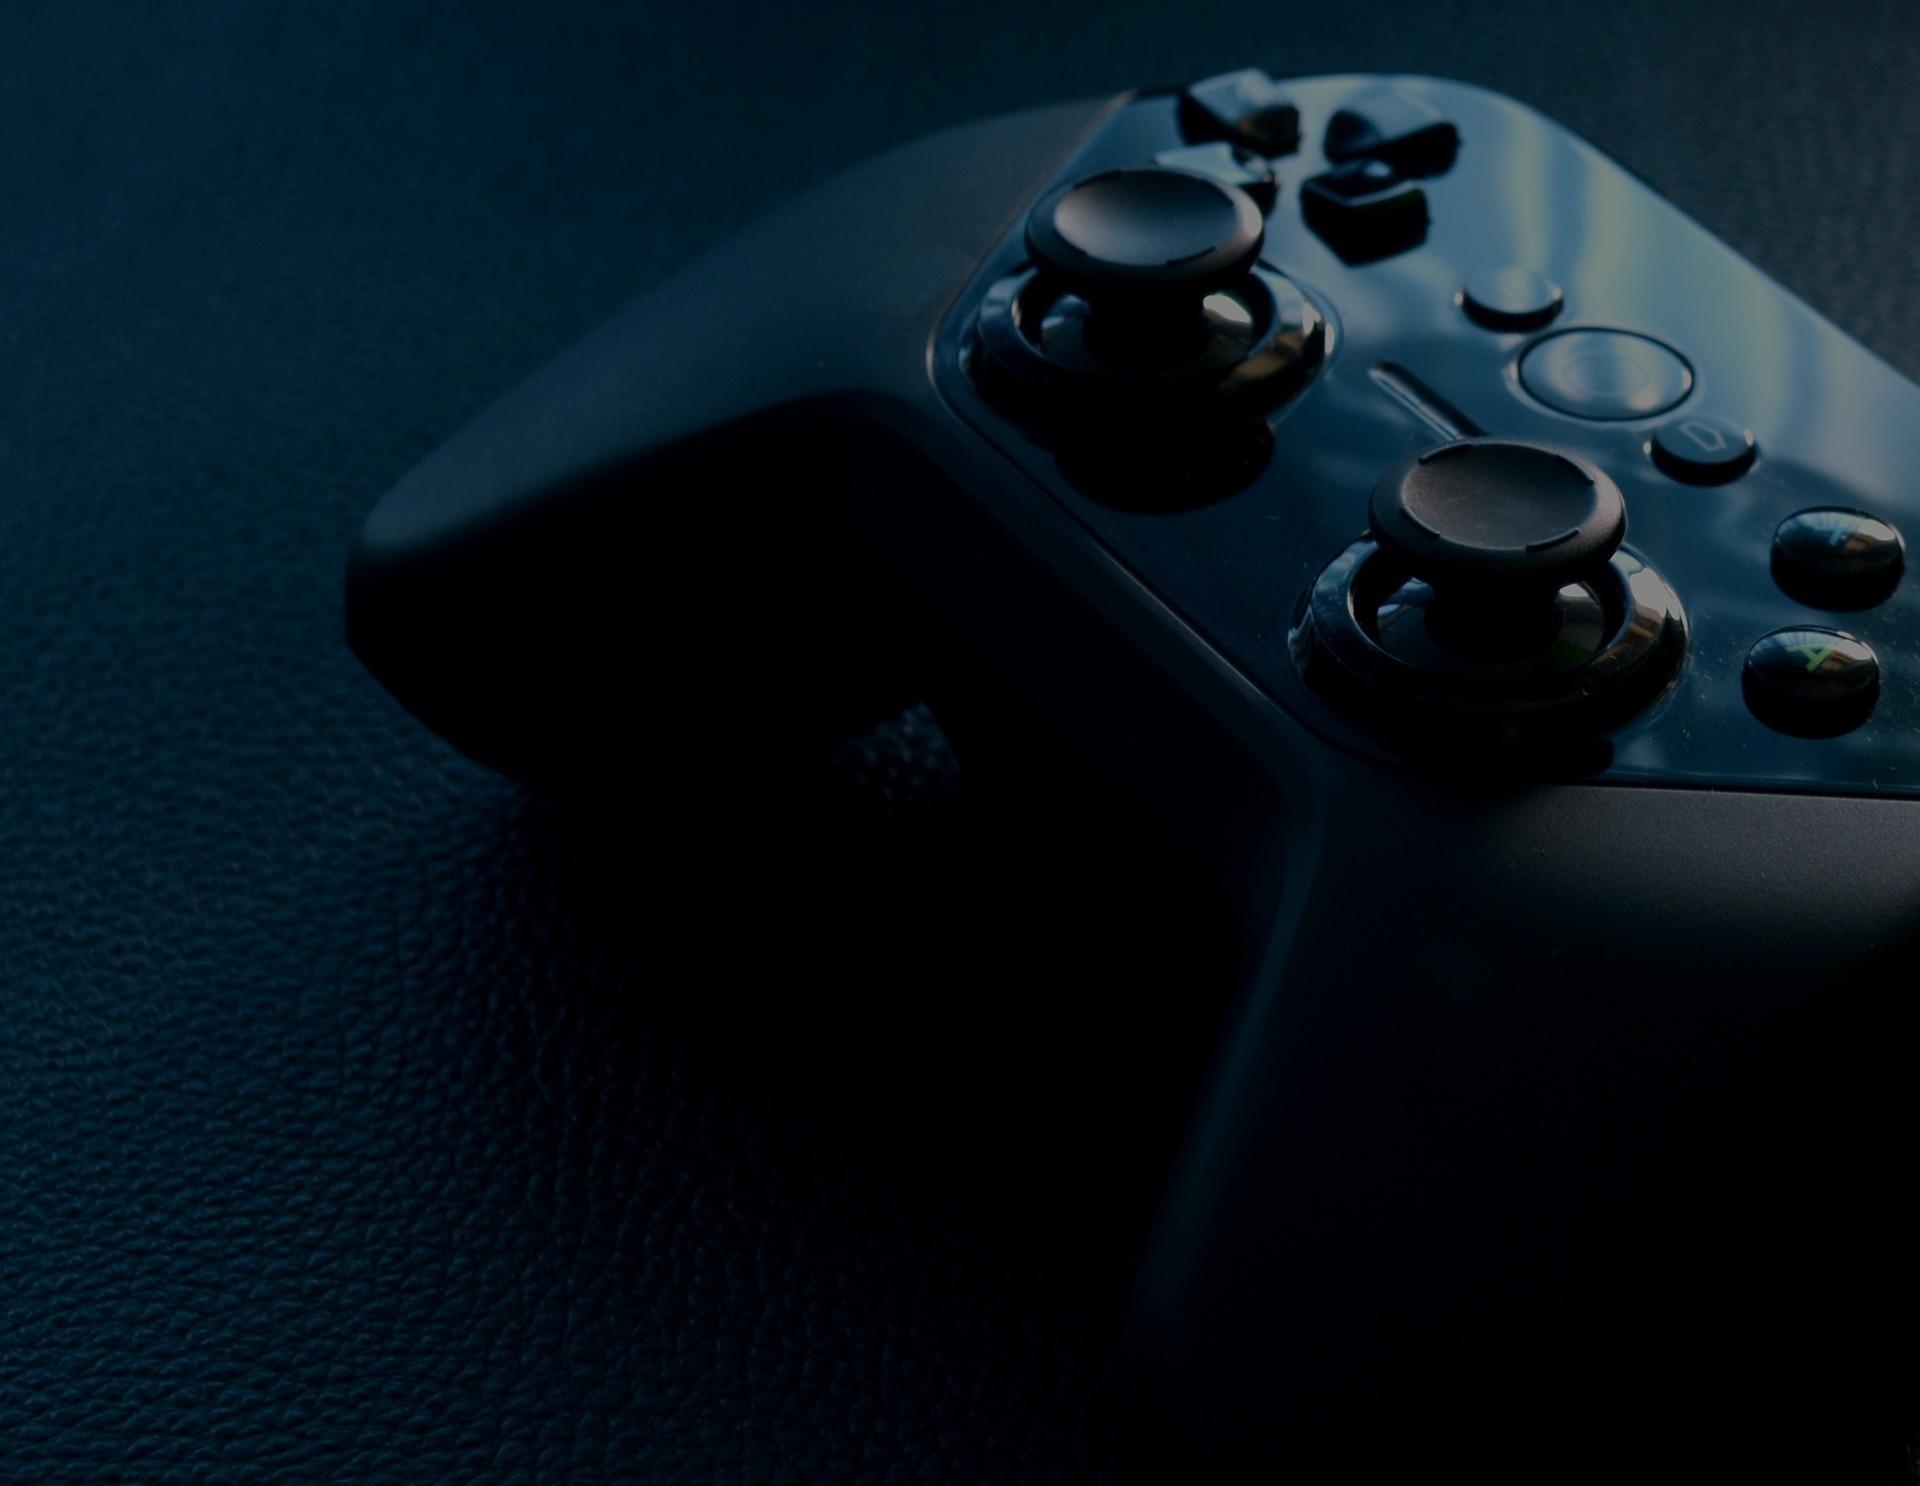 Razer Gaming Controller Ps4 - Für dich zusammengefasst